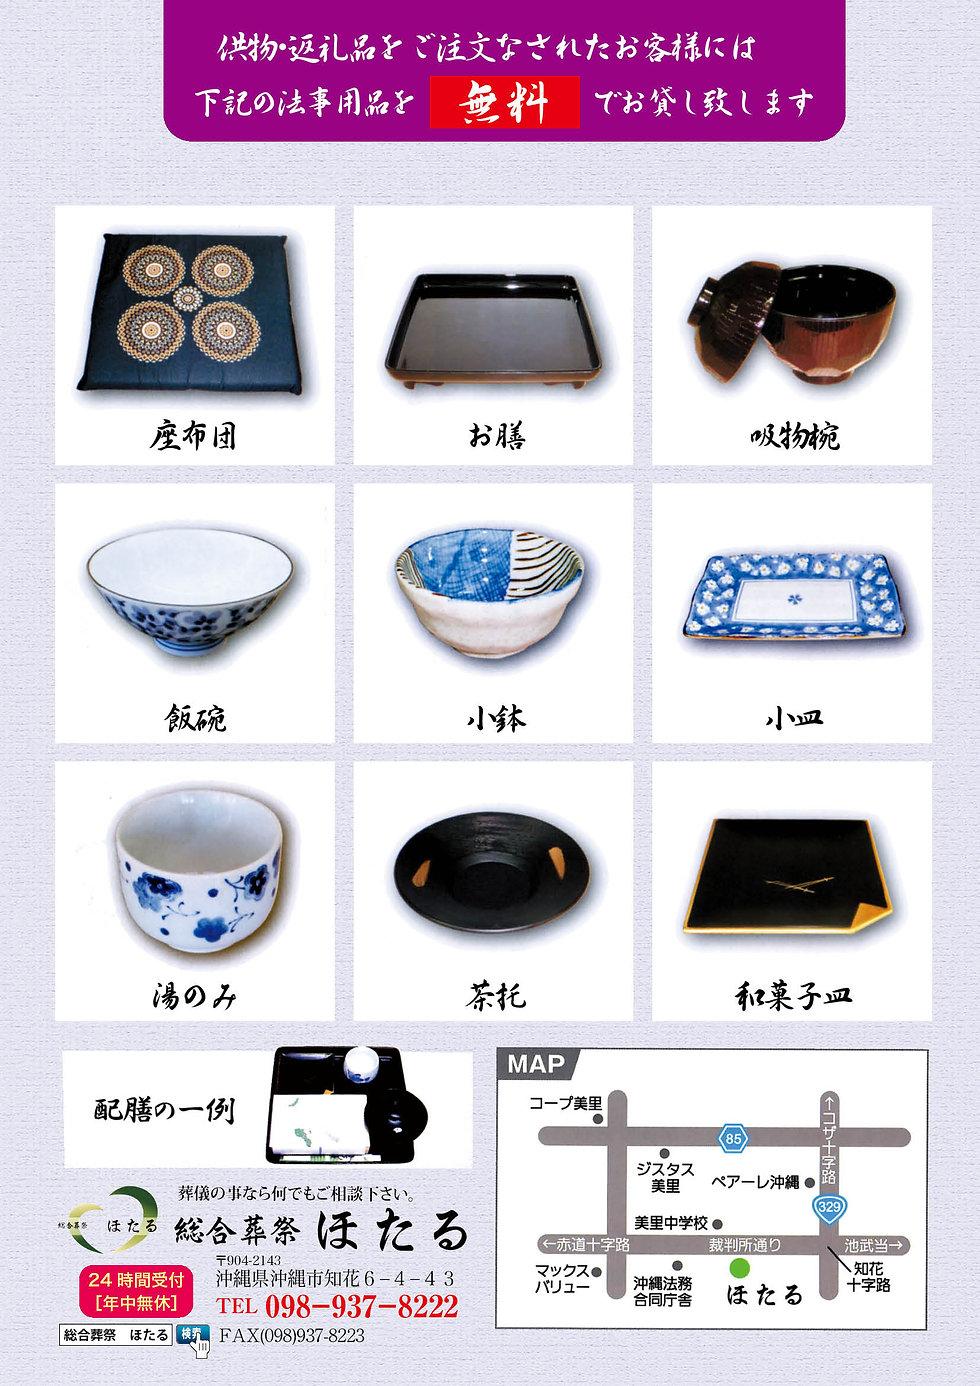 6:5 消費税改訂後_最終ページ.jpg